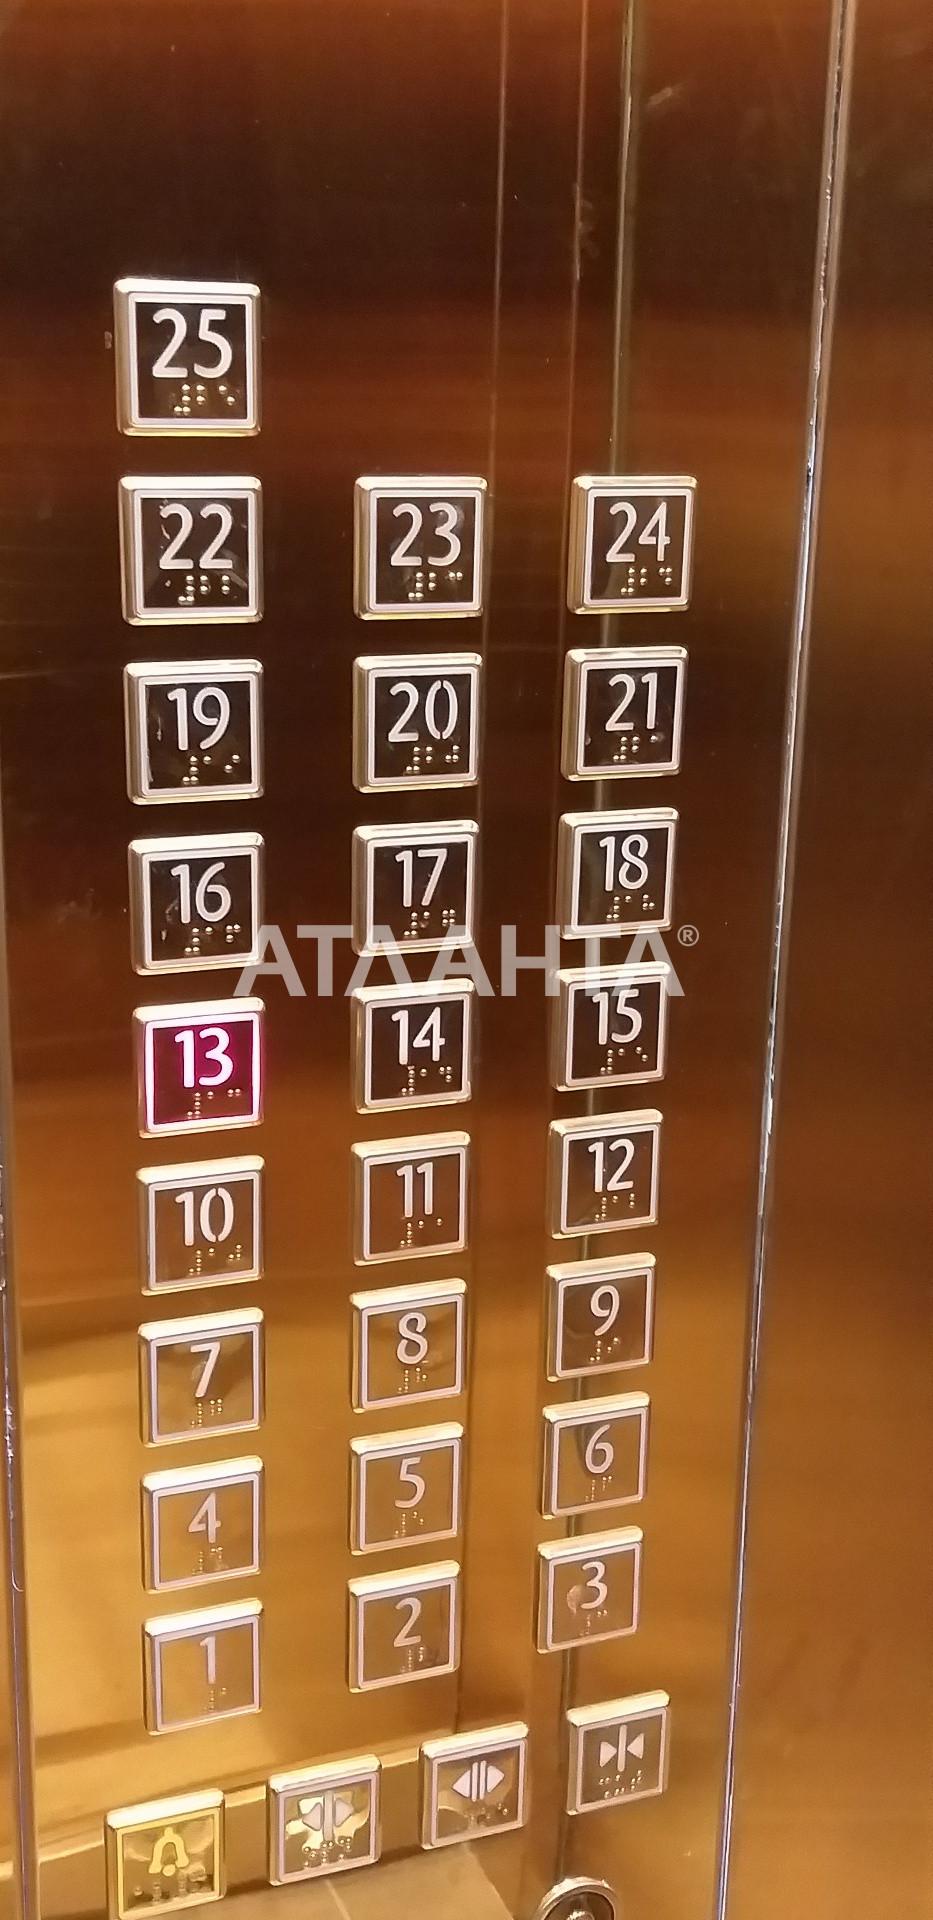 Продается 1-комнатная Квартира на ул. Каманина — 40 000 у.е. (фото №7)